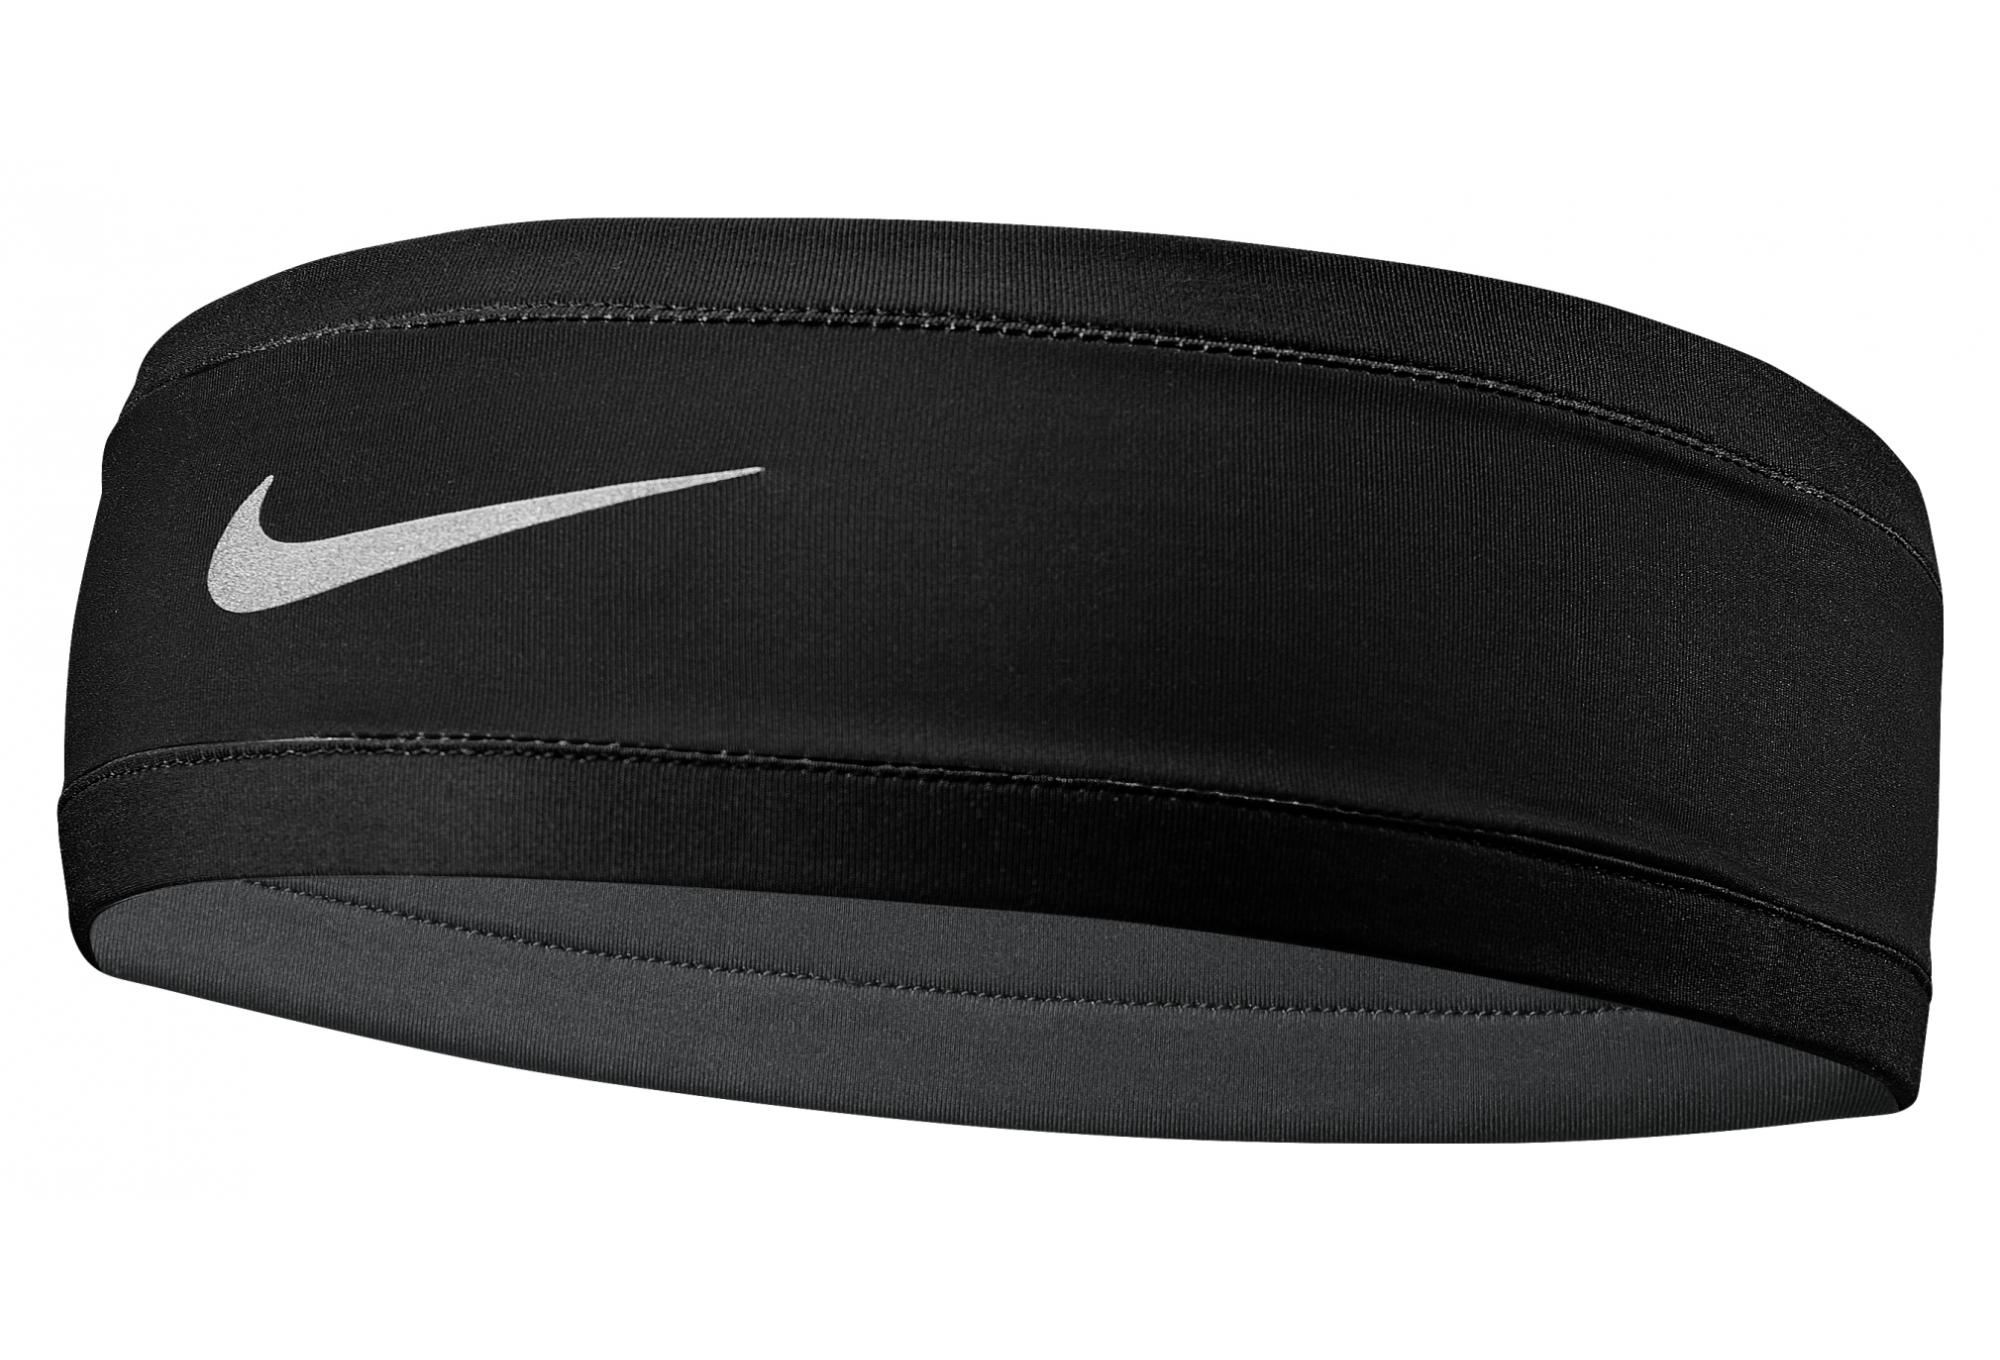 Sin alterar Profesión Premedicación  Nike Running Dry Men's headband and gloves Black | Alltricks.com